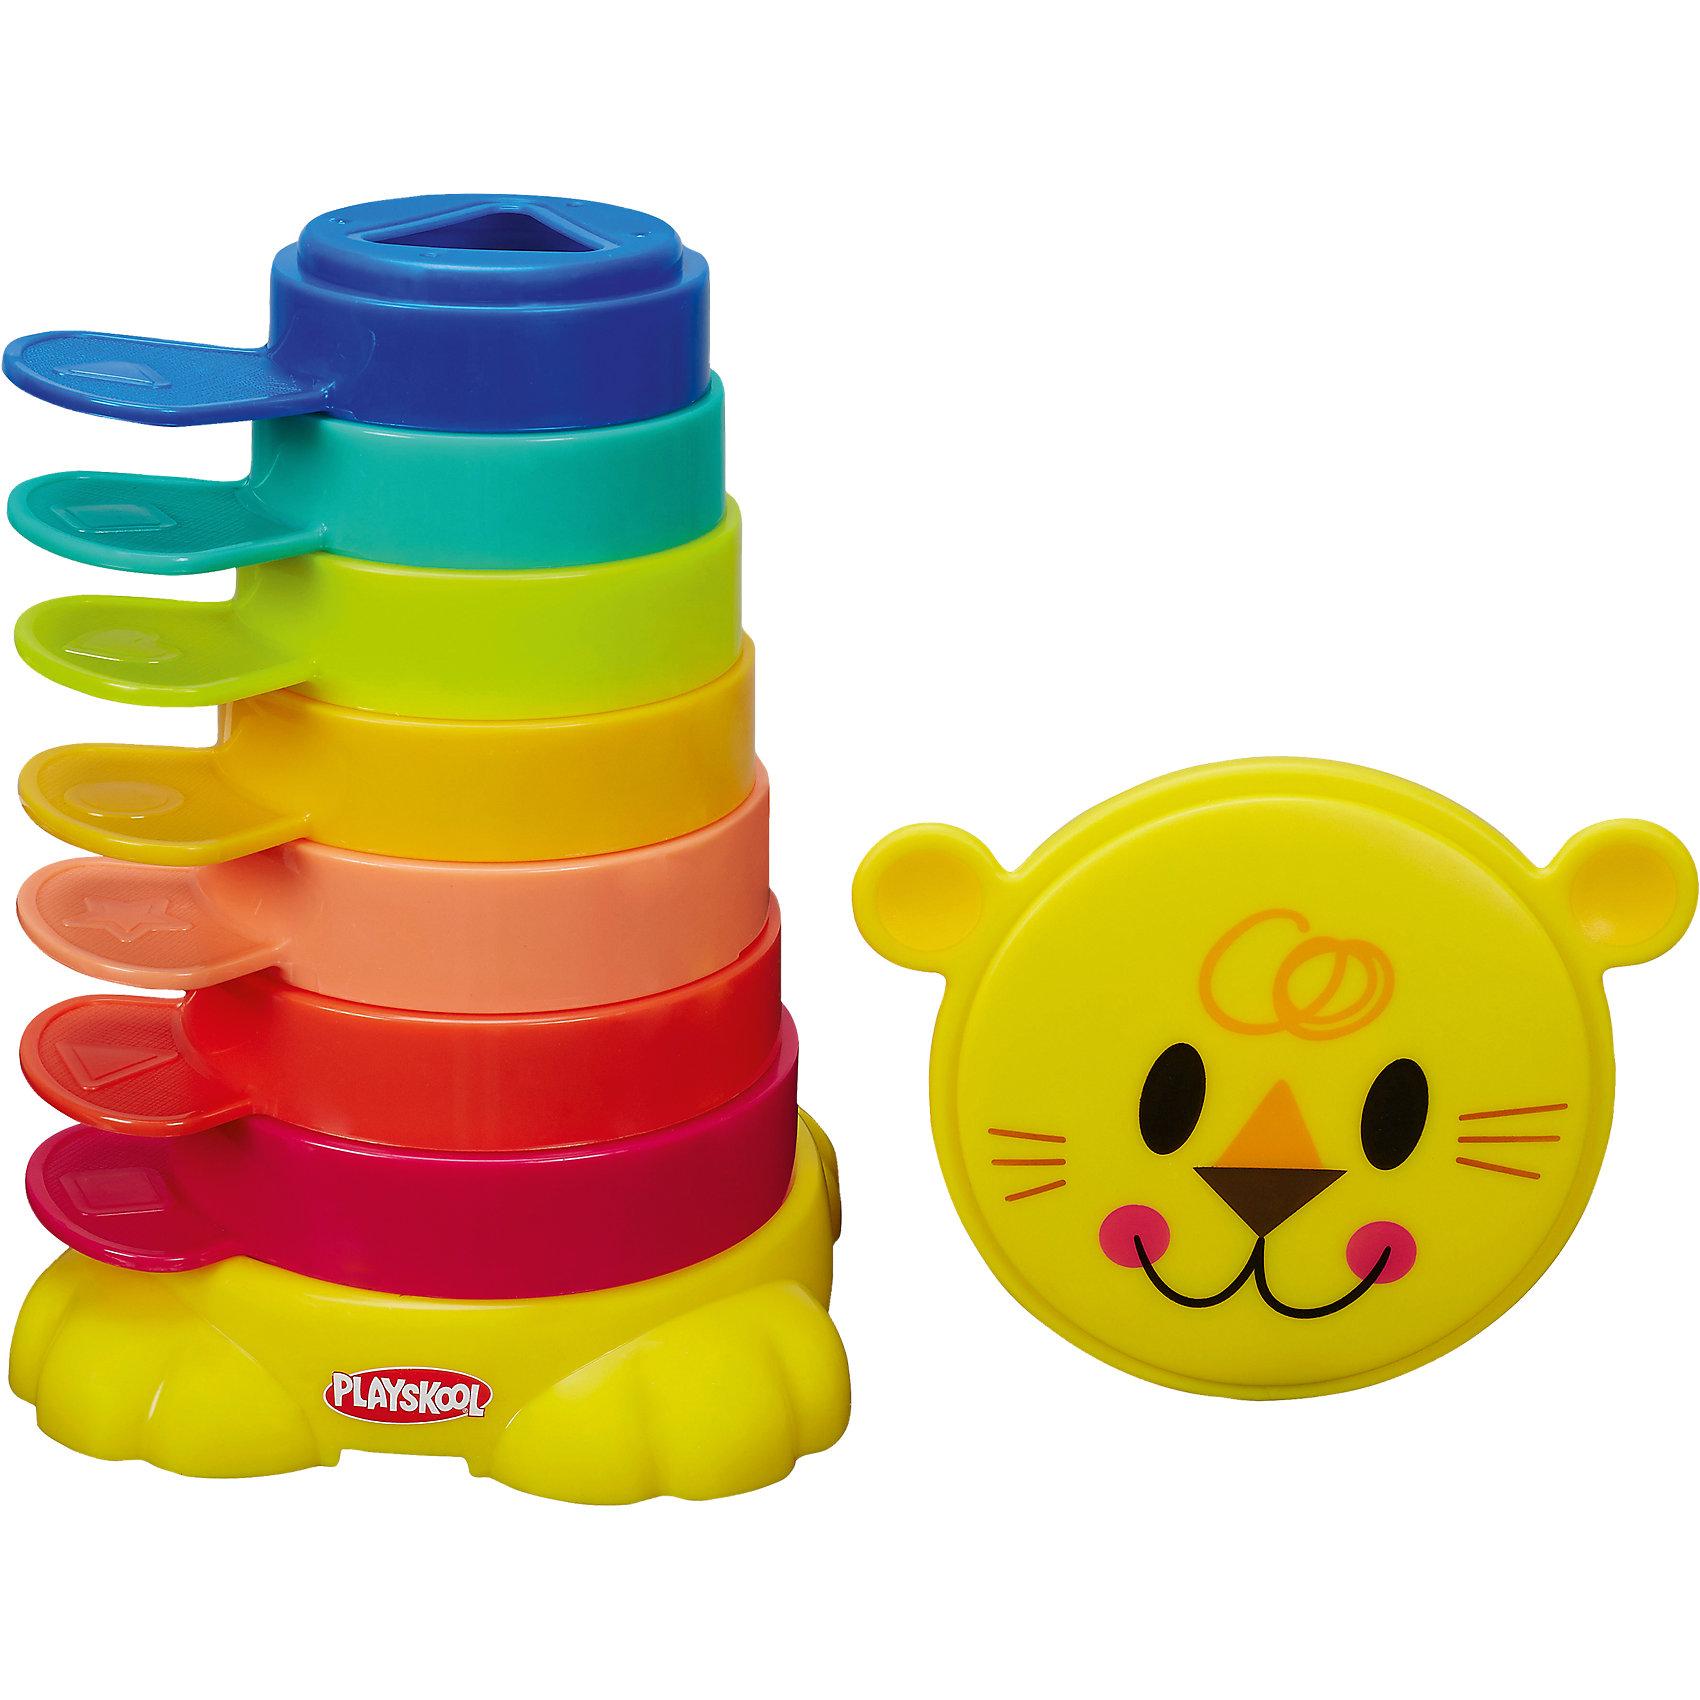 Пирамидка-львенок  Возьми с собой, PLAYSKOOLПотому что играть можно повсюду! Пирамидка-львенок - это яркая игра. Малыш может складывать чашки одну на другую или укладывать их внтурь друг друга по принципу матрешки, разваивая навыки мелкой моторики. В центре каждой чашечки есть выемка геометрической формы, чтобы малышу было удобнее брать их ручками, а также ручки снаружи чашечек, чтобы также удобно было брать пальчиками. В комплекте есть подставка и крышка в виде львенка, чтобы вы могли легко, компактно собрать и удобно хранить внутри все 7 чашечек. Компактный размер пирамидки повзоляет ей с легкостью помещаться в дорожную сумку.<br><br>Ширина мм: 261<br>Глубина мм: 203<br>Высота мм: 66<br>Вес г: 377<br>Возраст от месяцев: 6<br>Возраст до месяцев: 24<br>Пол: Унисекс<br>Возраст: Детский<br>SKU: 4166212